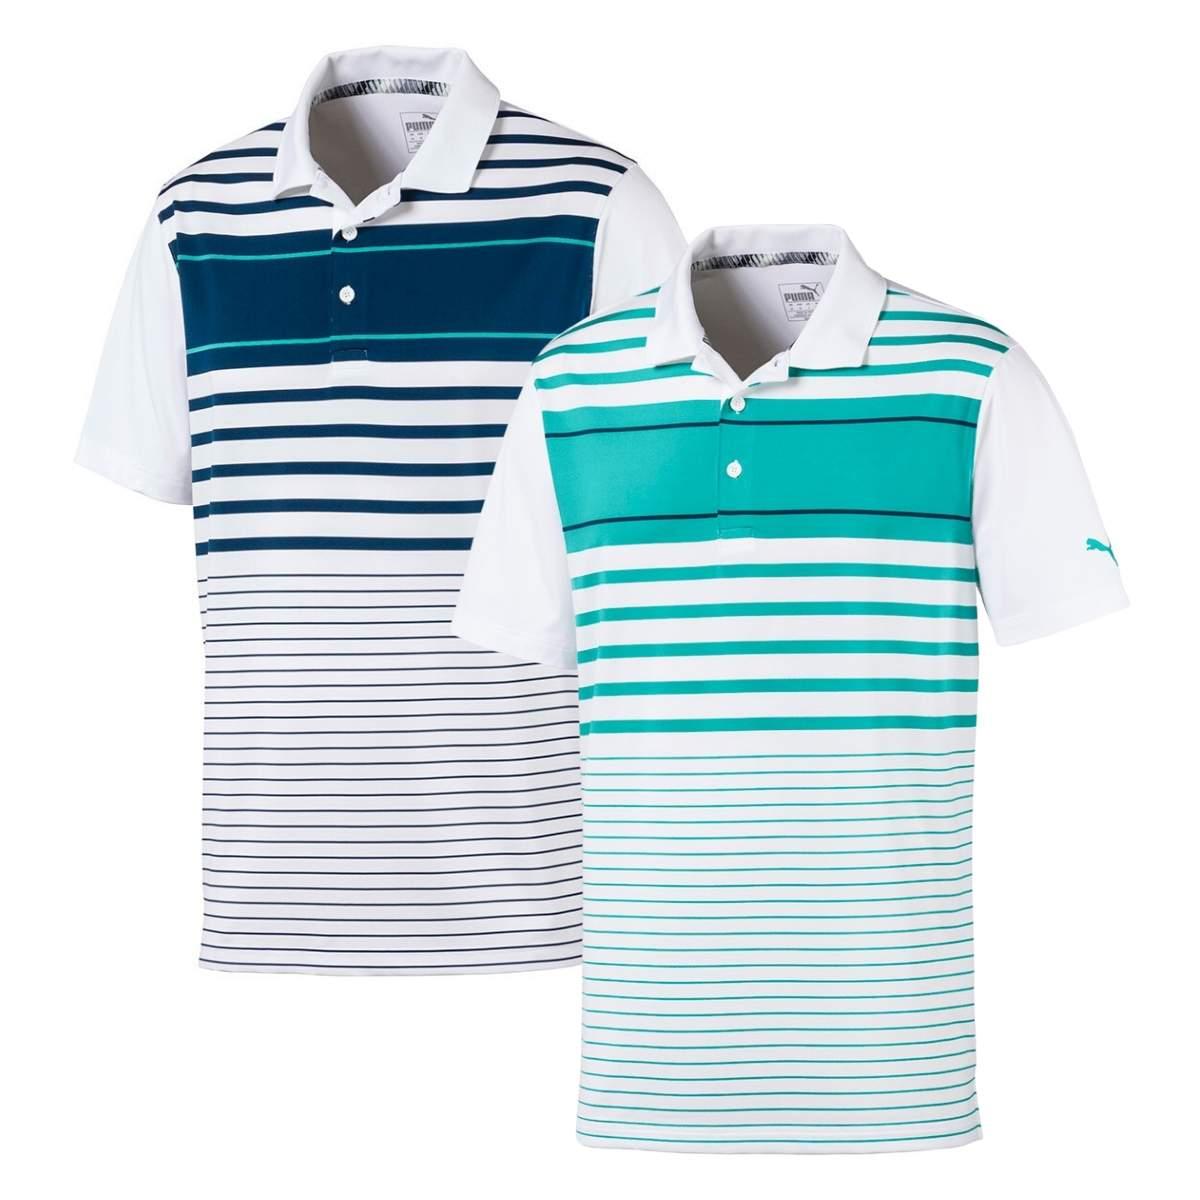 Puma Men's Spotlight Stripe Polo